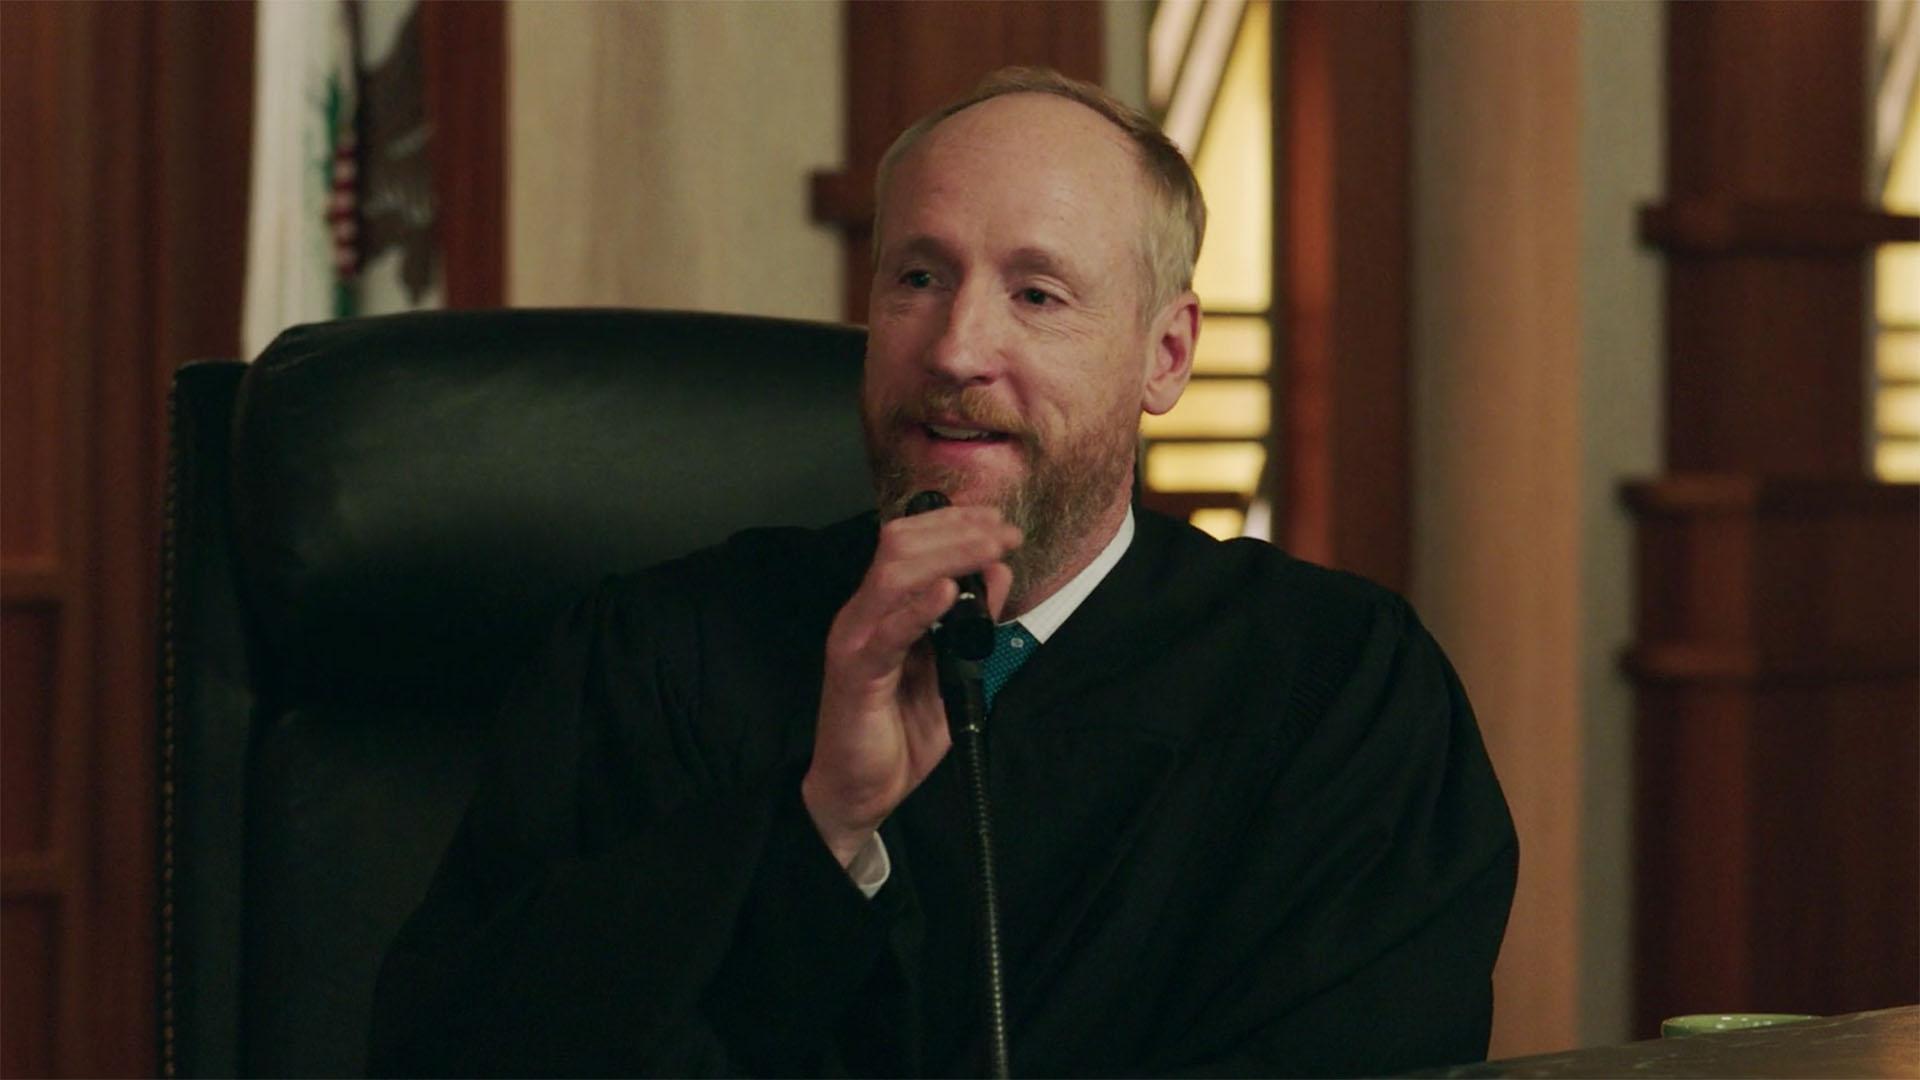 Matt Walsh as Judge Oliver Walenstadt